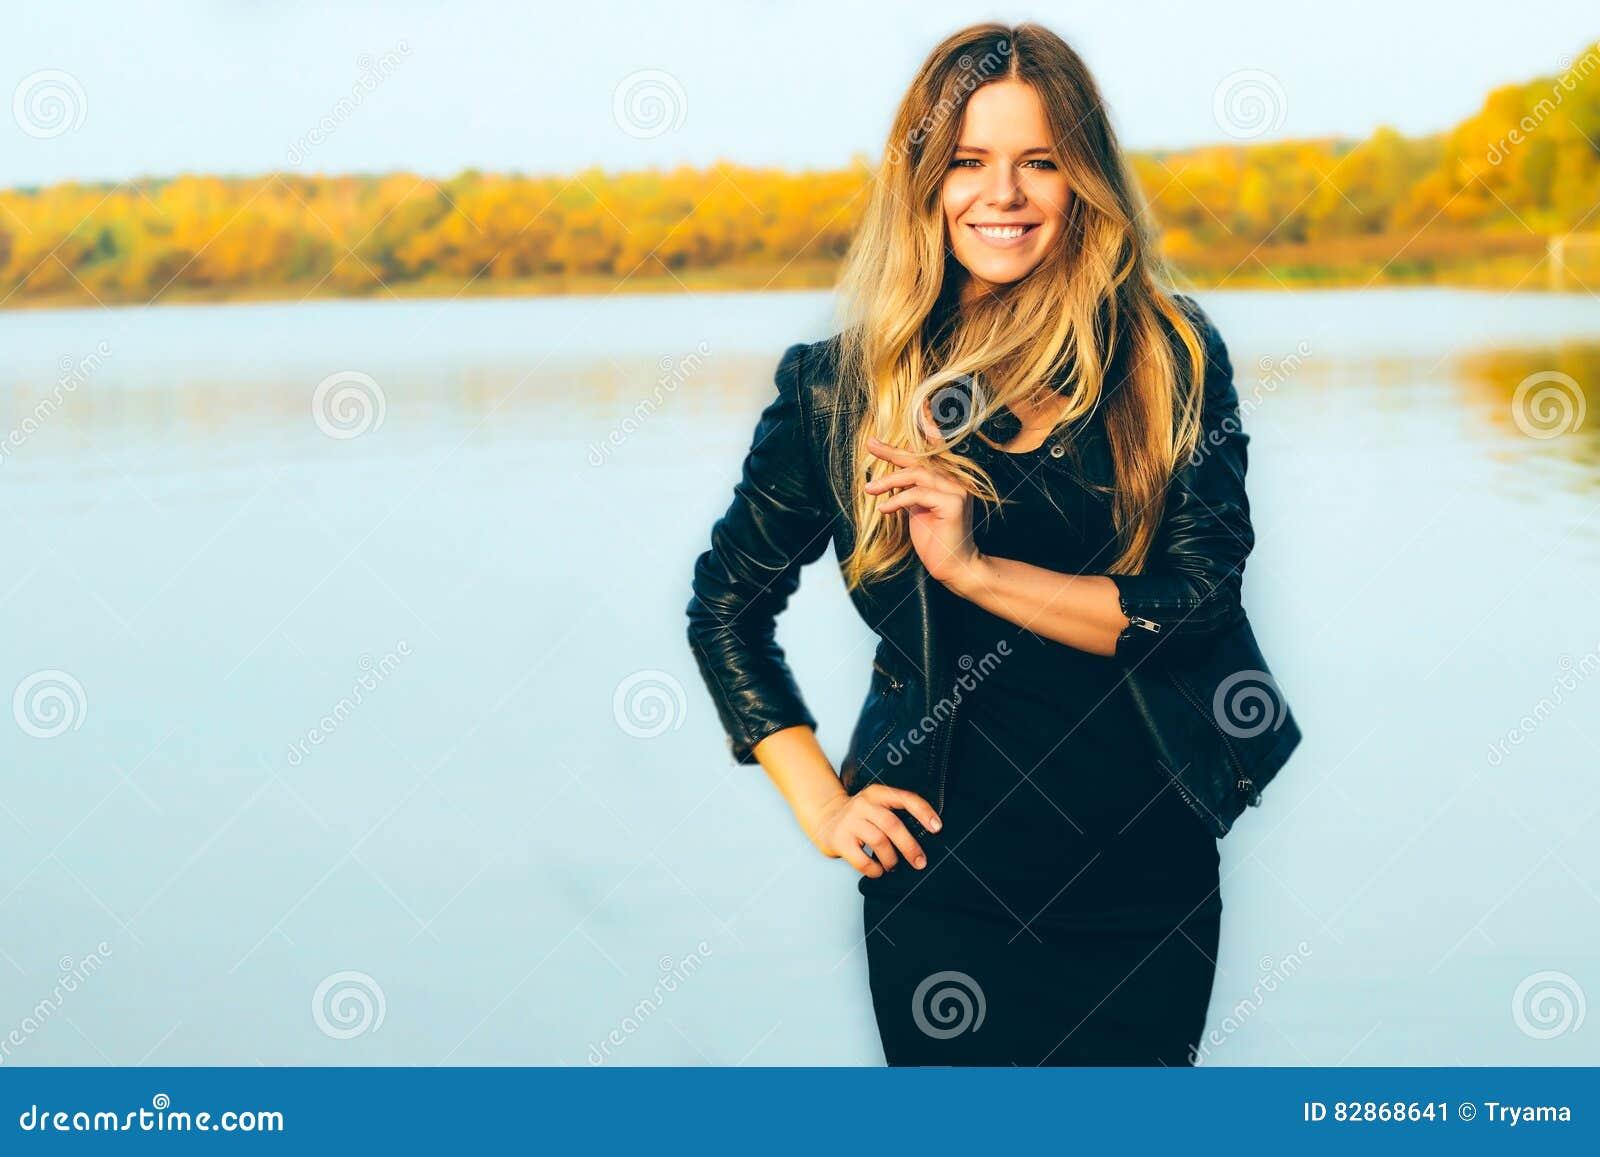 Νέα όμορφη ξανθή γυναίκα στο πάρκο φθινοπώρου με τη λίμνη στα σκοτεινά τέλεια δόντια χαμόγελου σακακιών δέρματος κατά τη διάρκεια